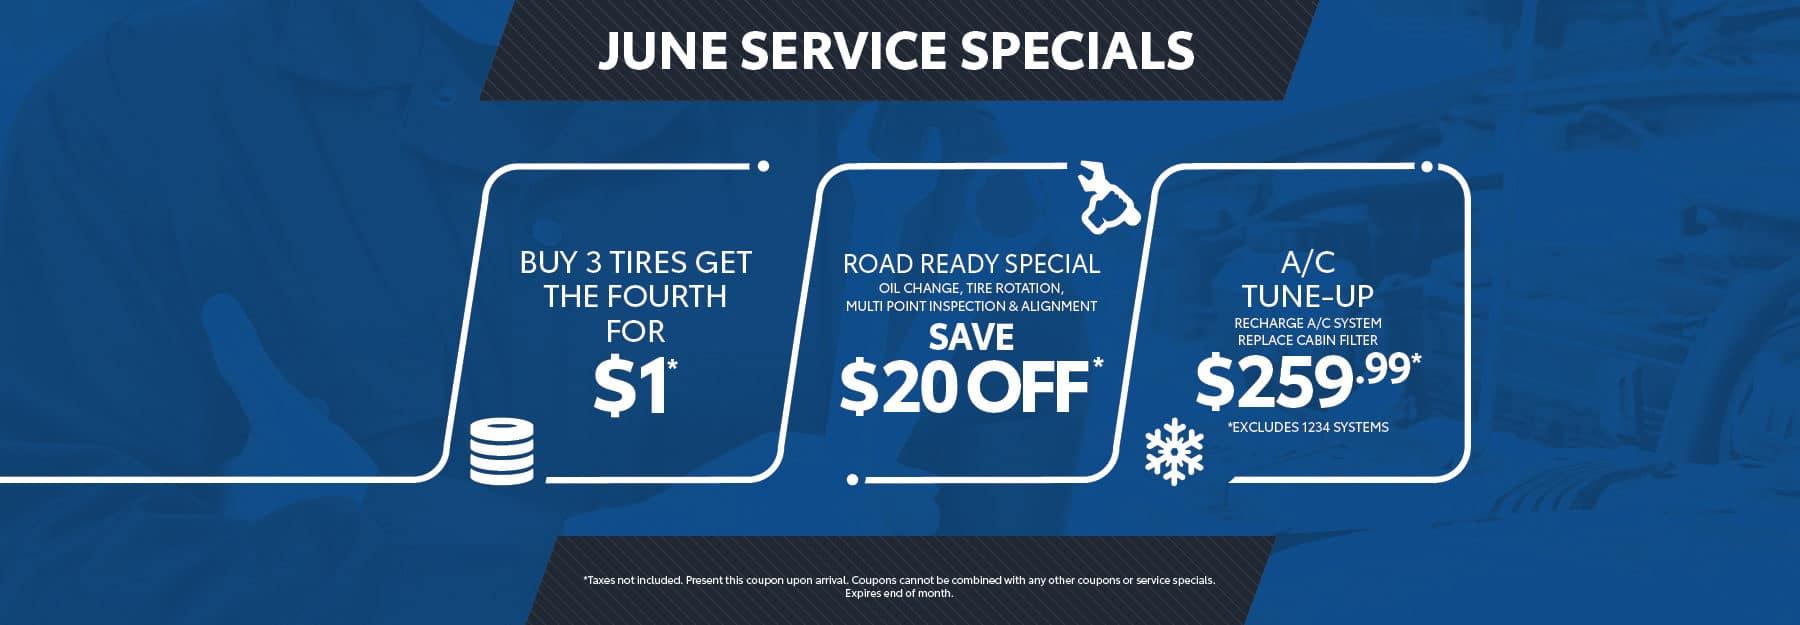 June service specials